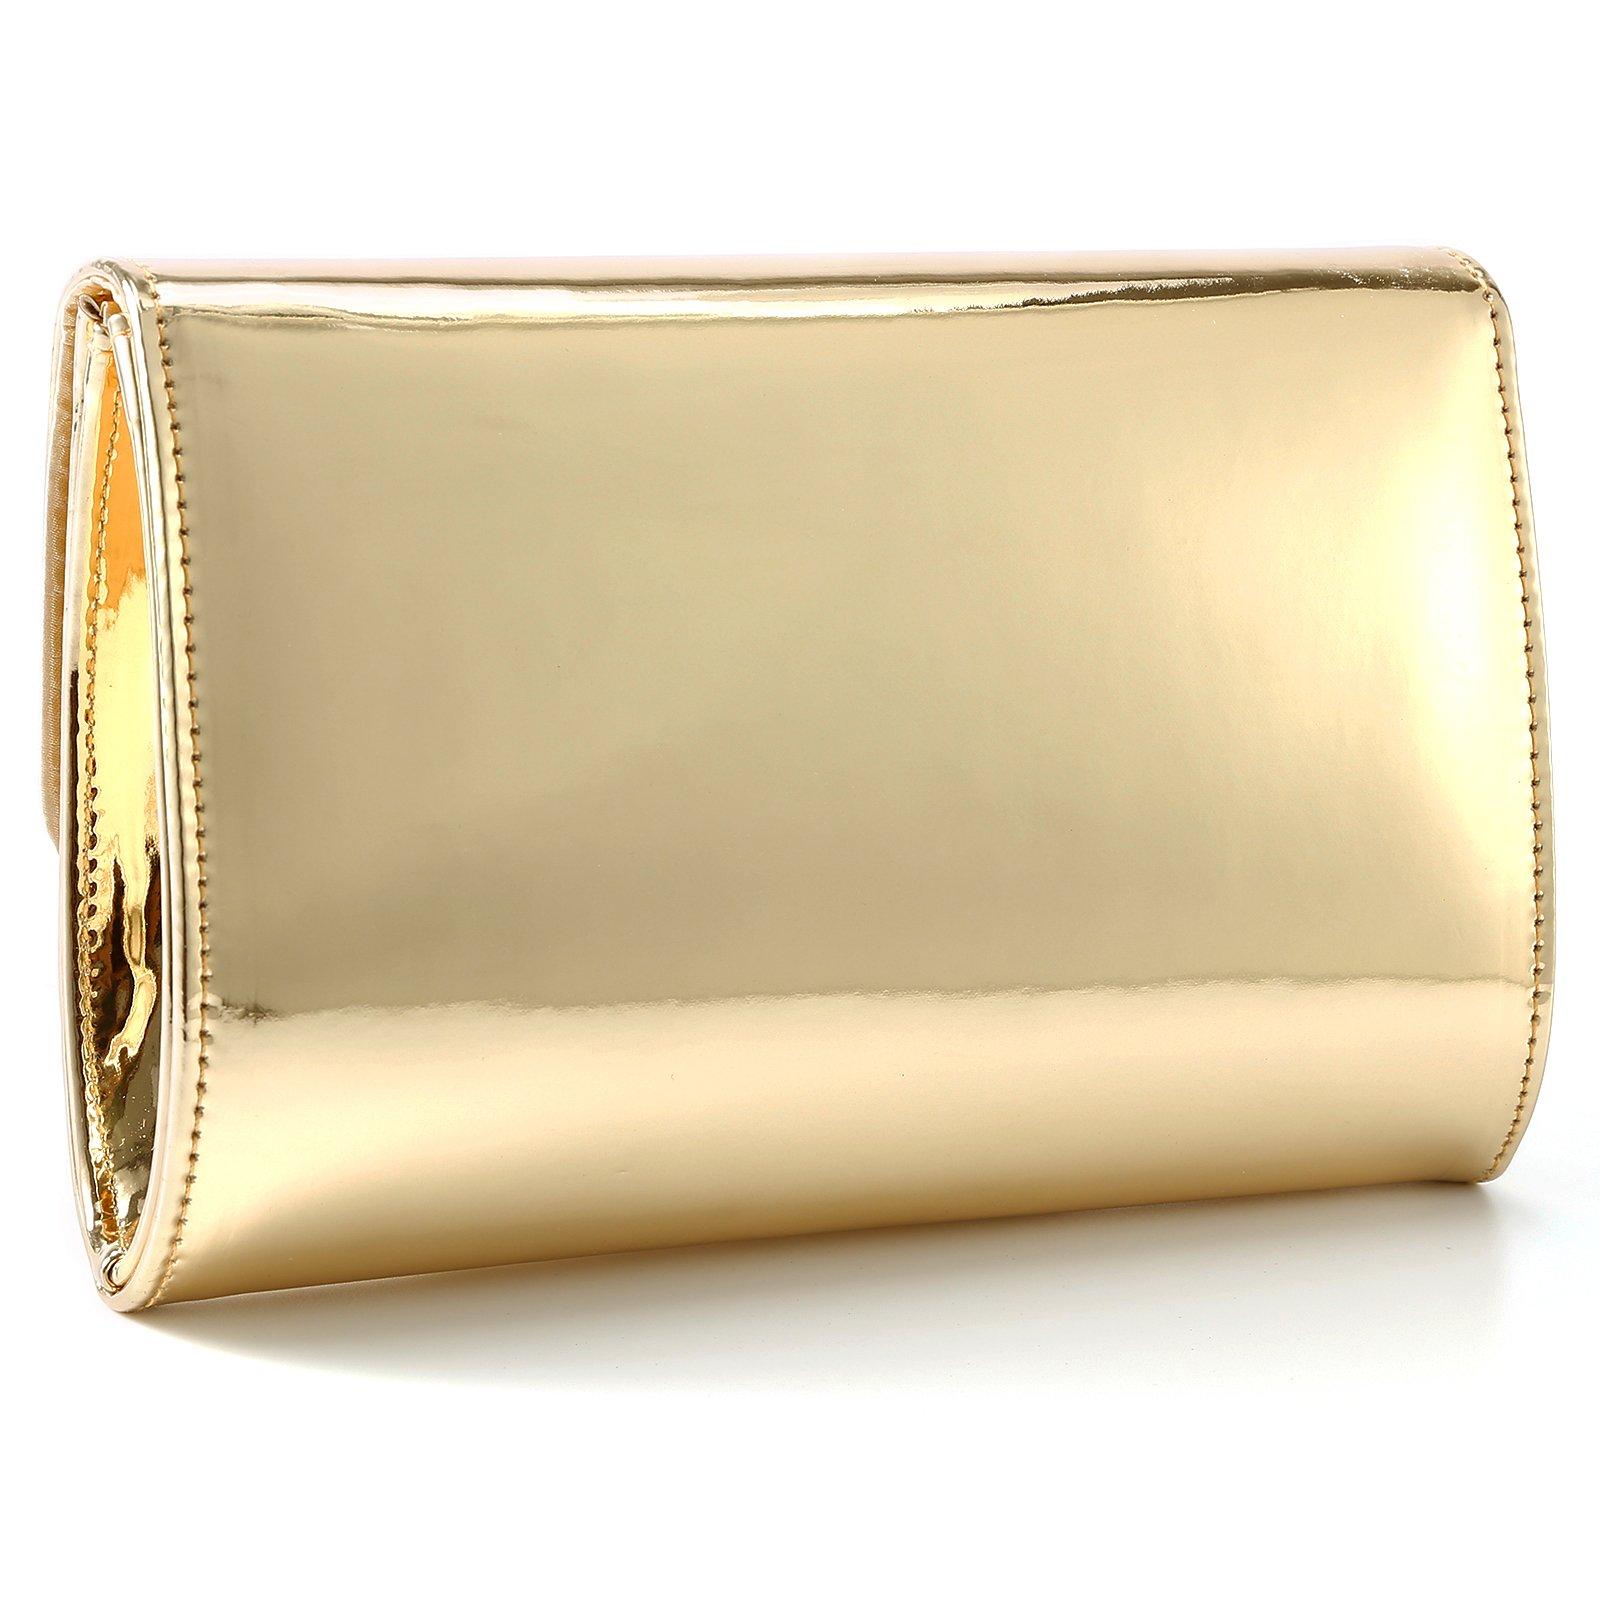 Fraulein38 Designer Mirror Metallic Women Clutch Patent Evening Bag by Fraulein38 (Image #7)